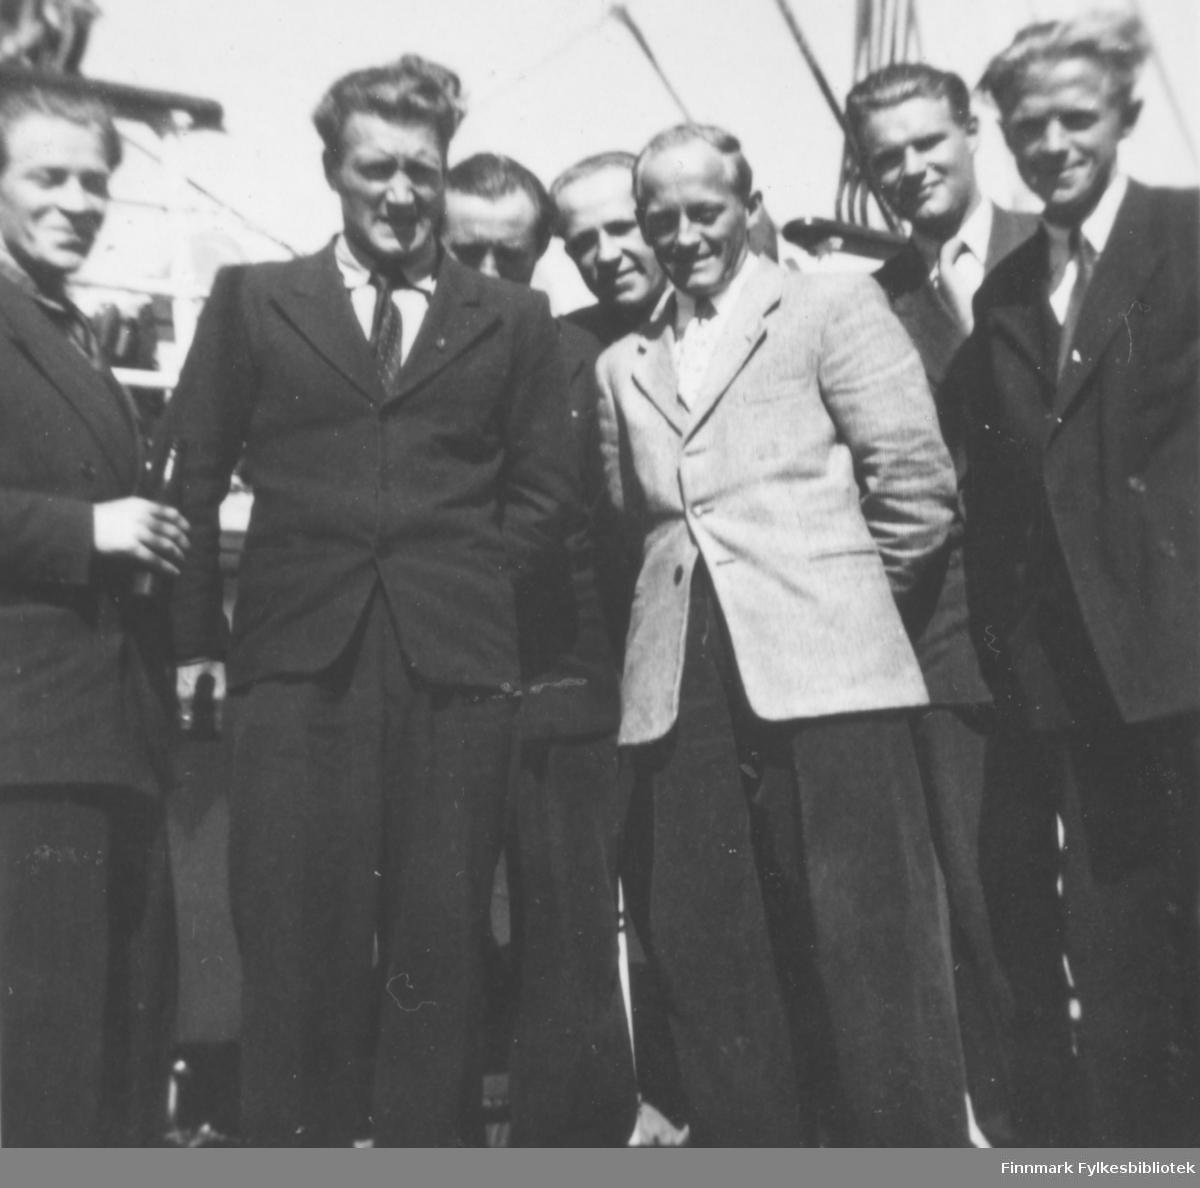 Flere menn fra Vadsø på hurtigruta på vei til eller fra en militærøvelse, kanskje til Drevjamoen? Bildet ligner veldig på 05045-039, som er datert 1955-1956